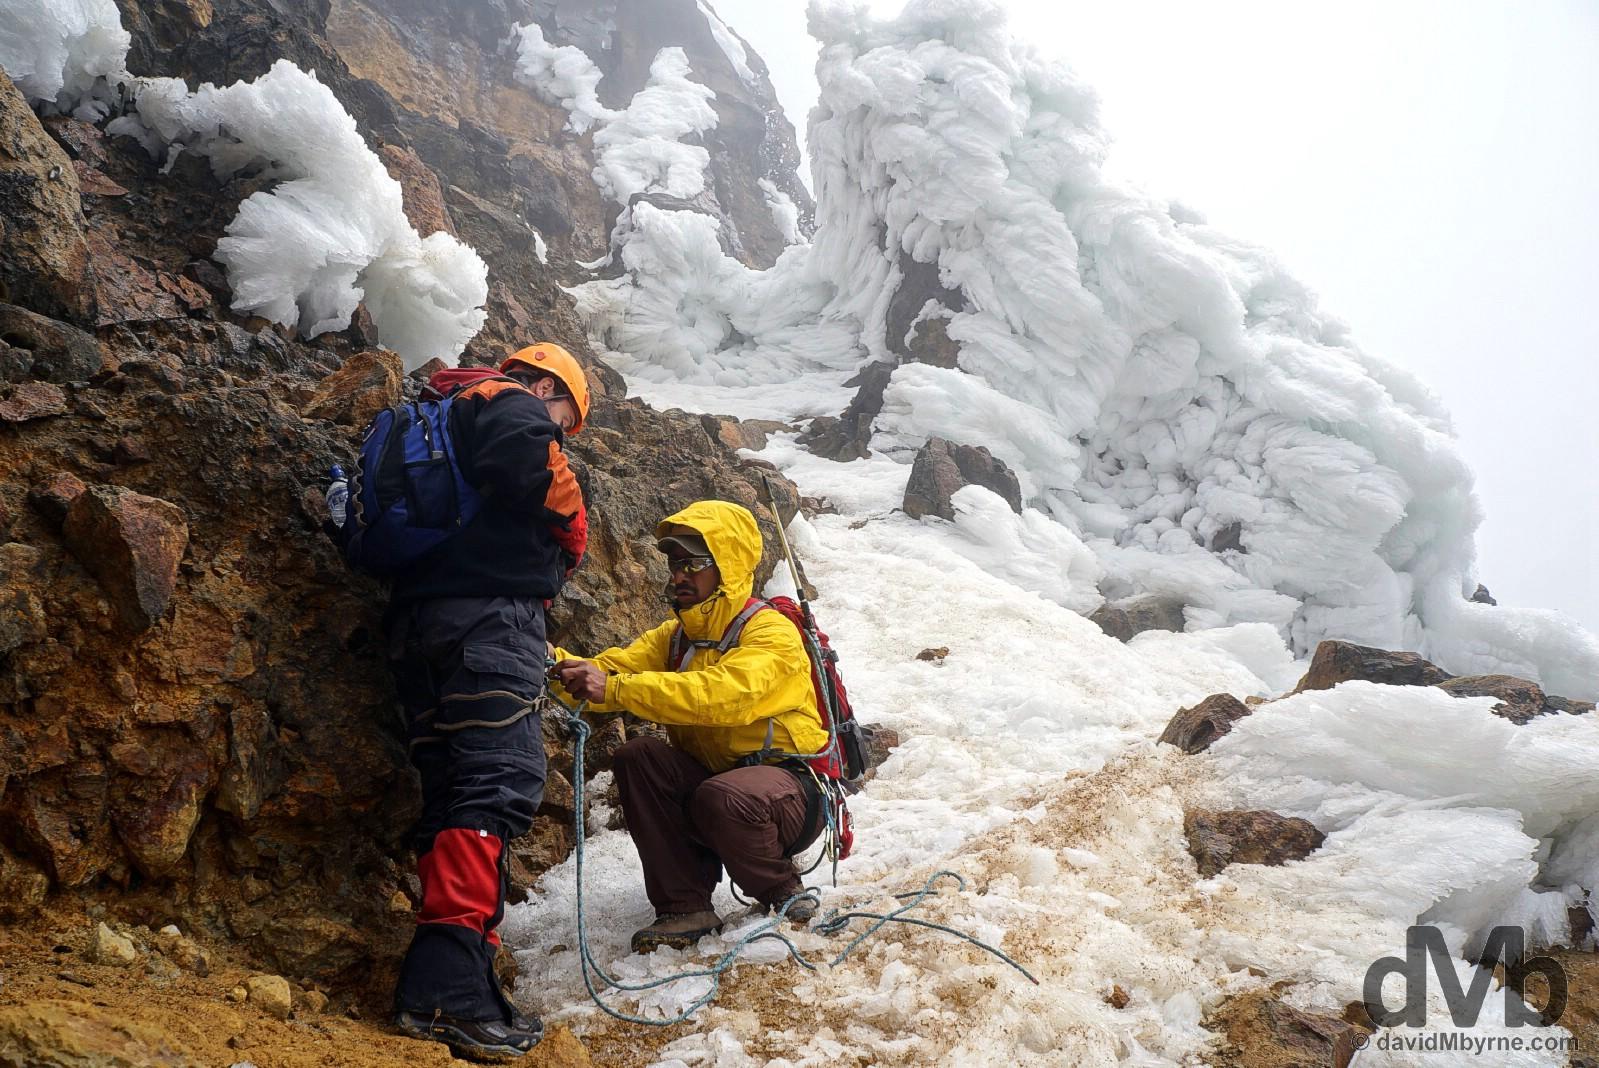 Roping up for the Paso de Muerte (Death Pass) en route to the summit of Iliniza Norte in Reserva Ecologica Los Ilinizas, Ecuador. July 7, 2015.